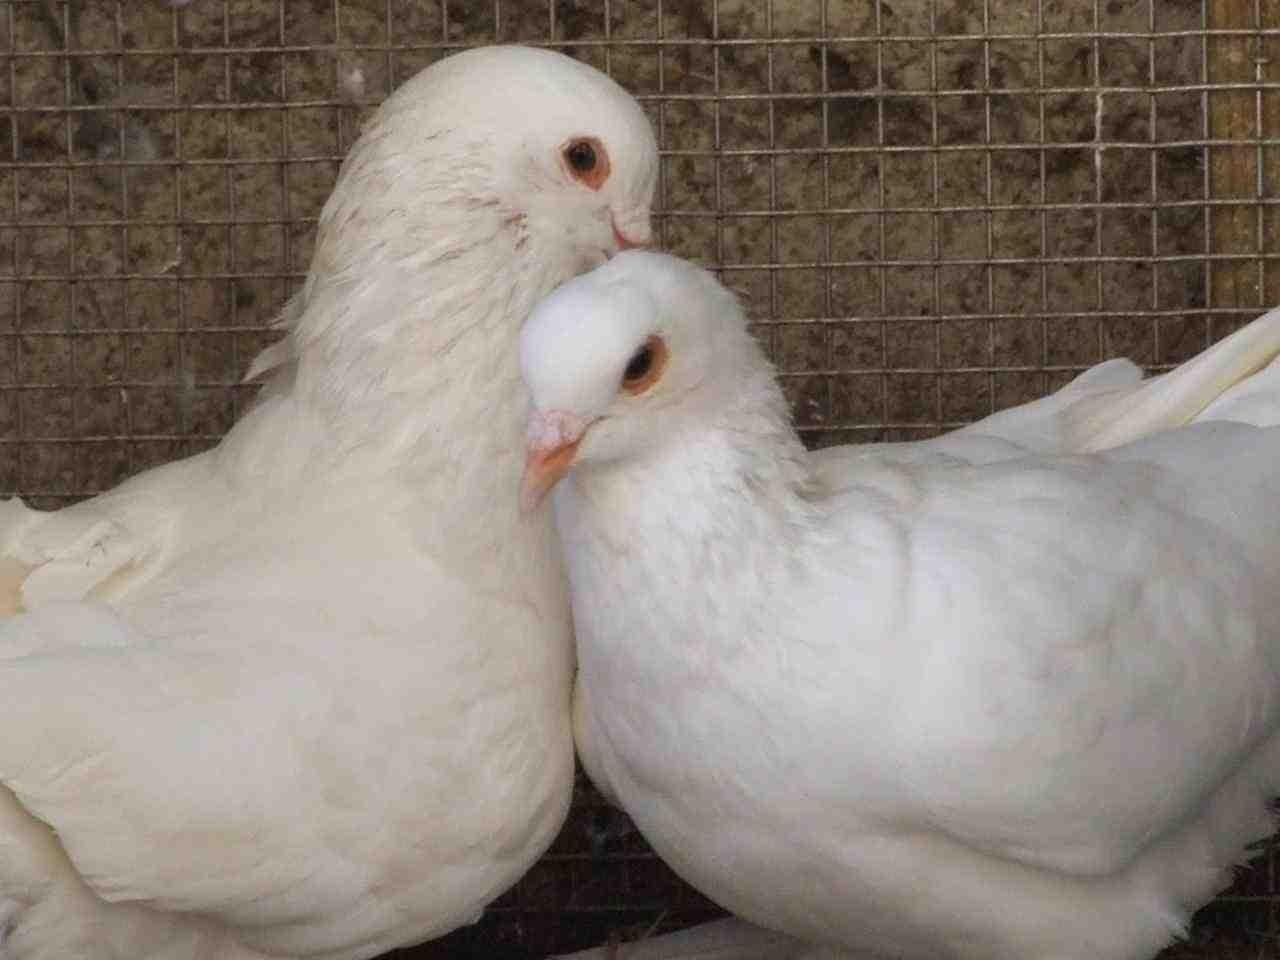 صور حمام طيور جميلة اجمل خلفيات طيور جارحة طيور جميلة 31